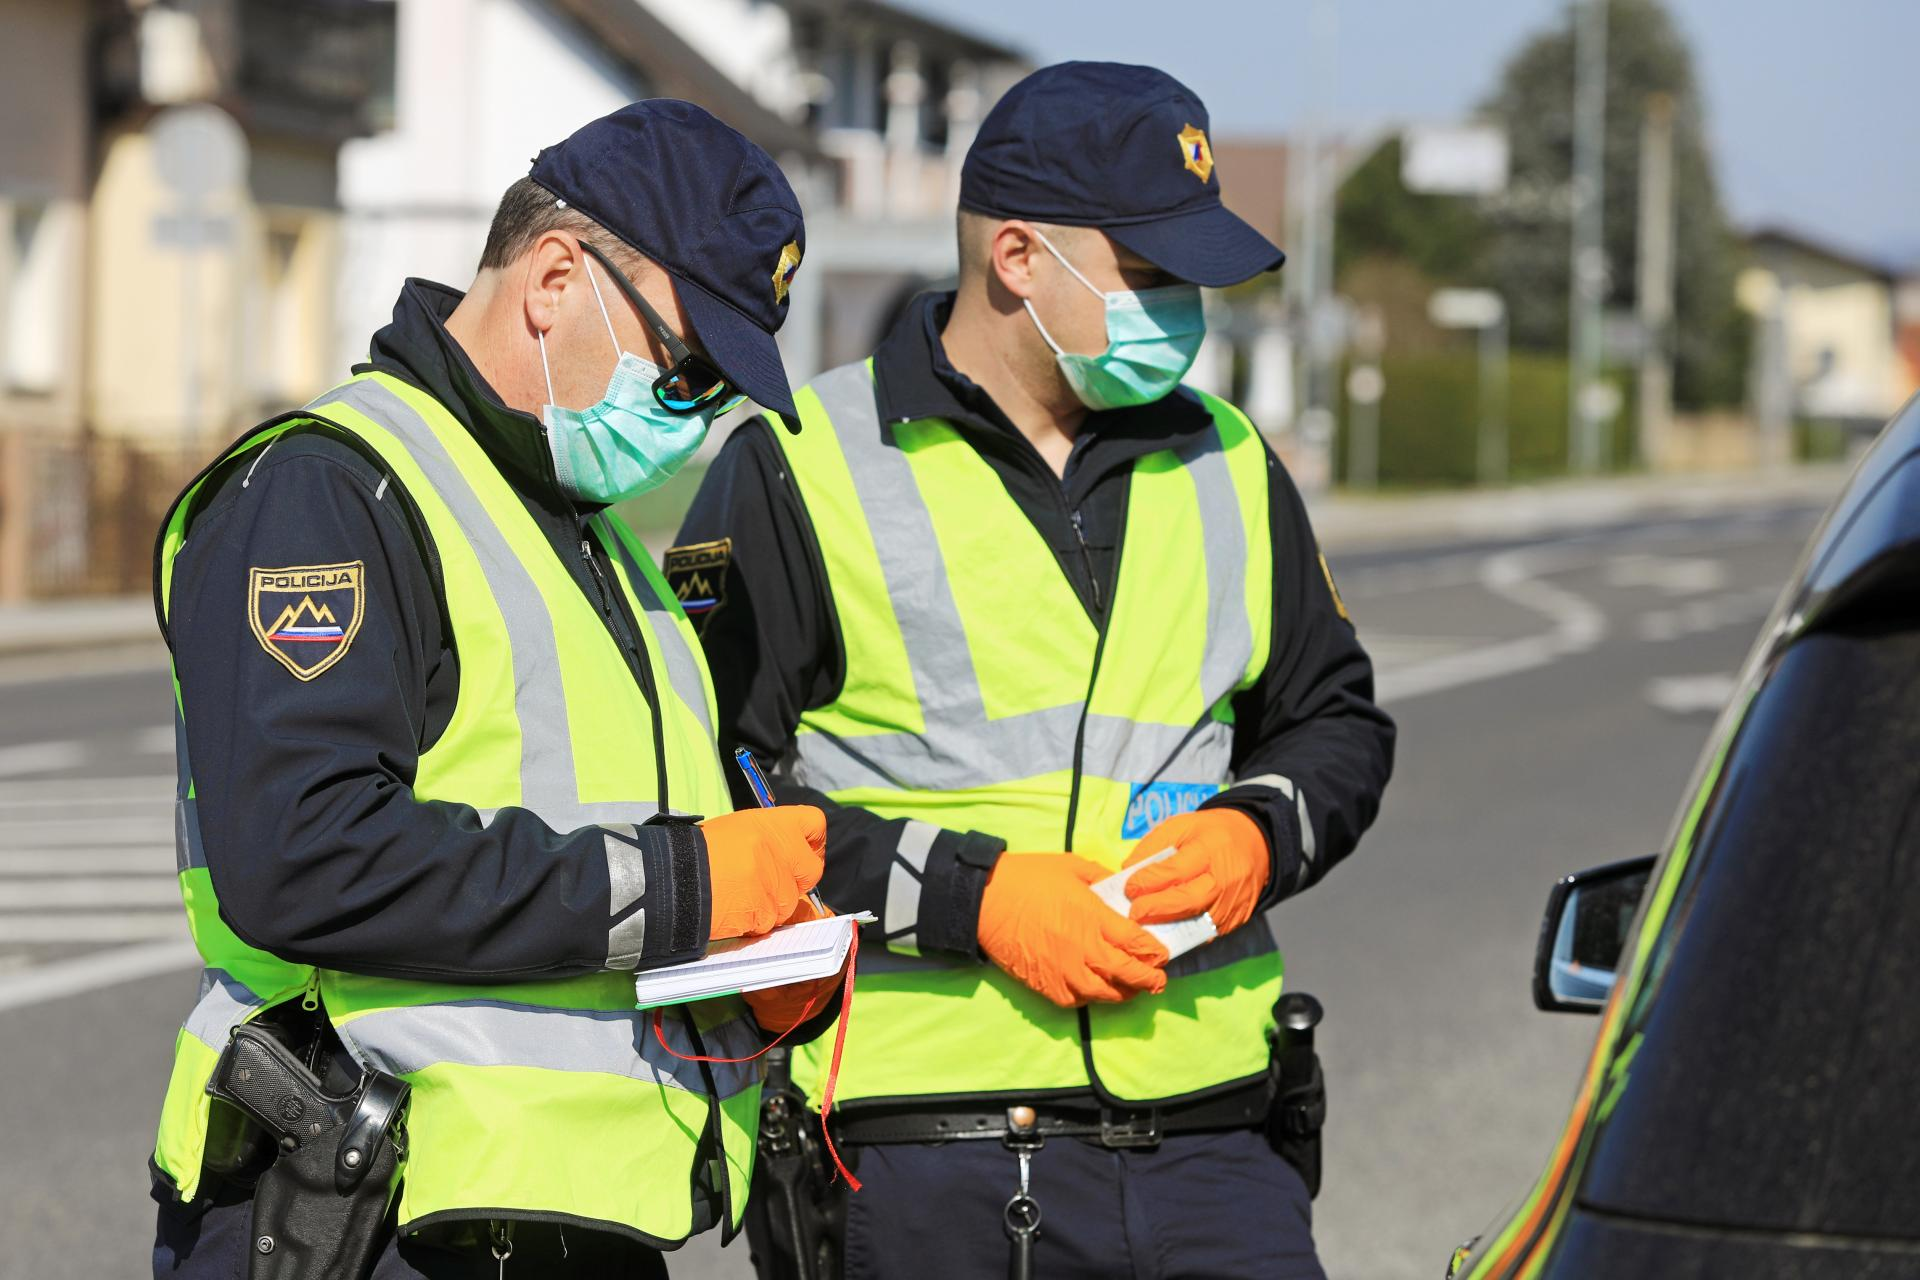 Slovenska policija: maske so še zmeraj obvezne